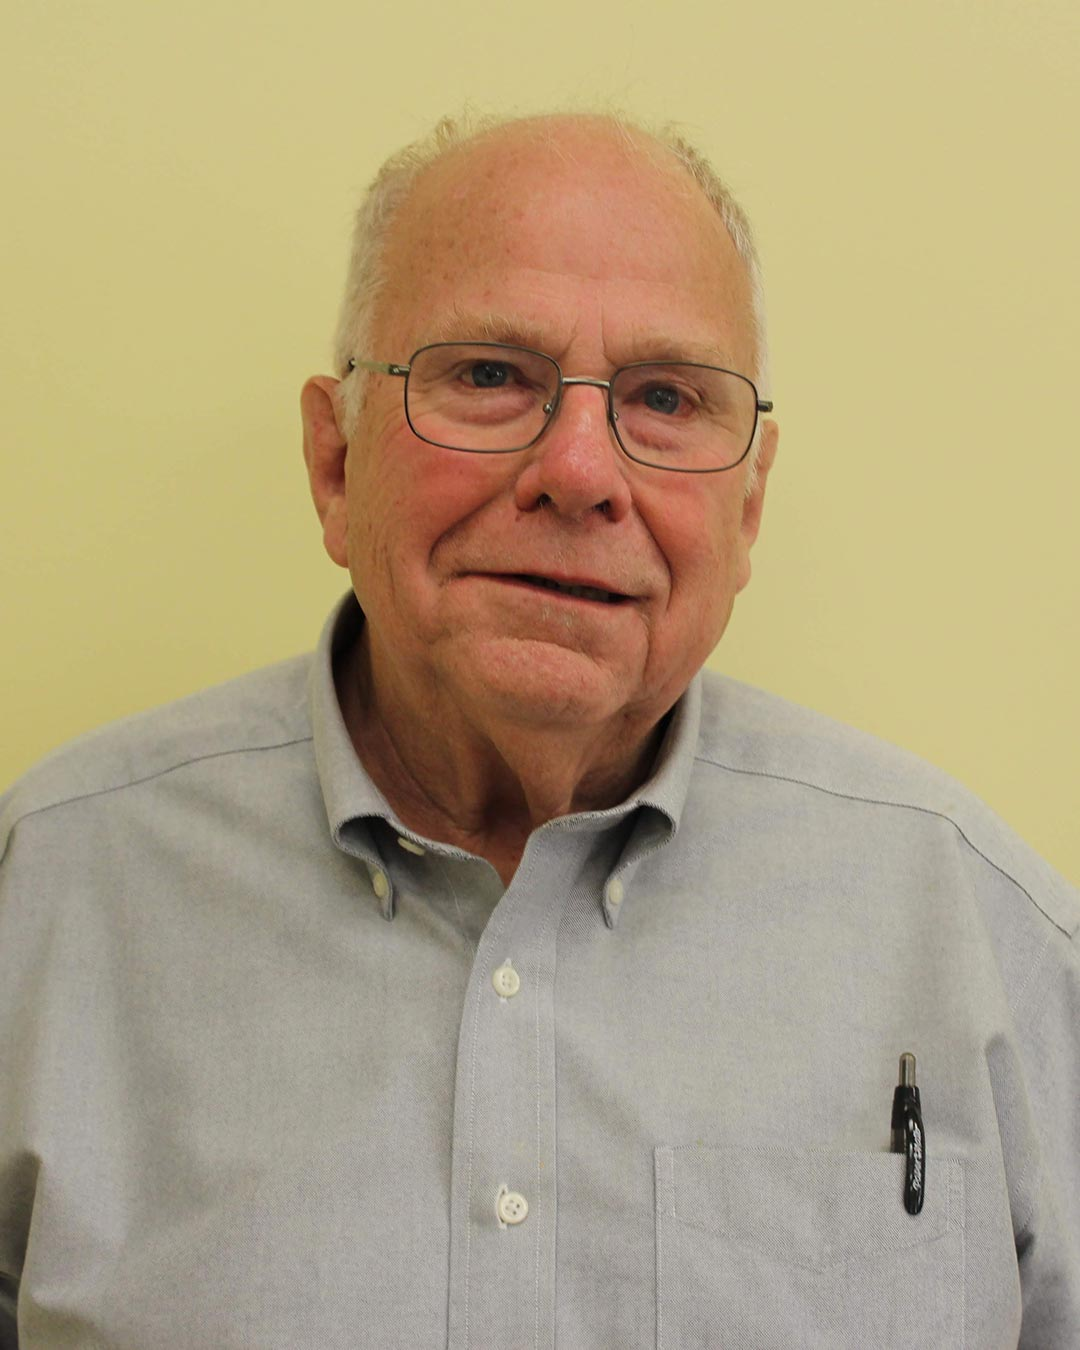 Dr. William Thomas